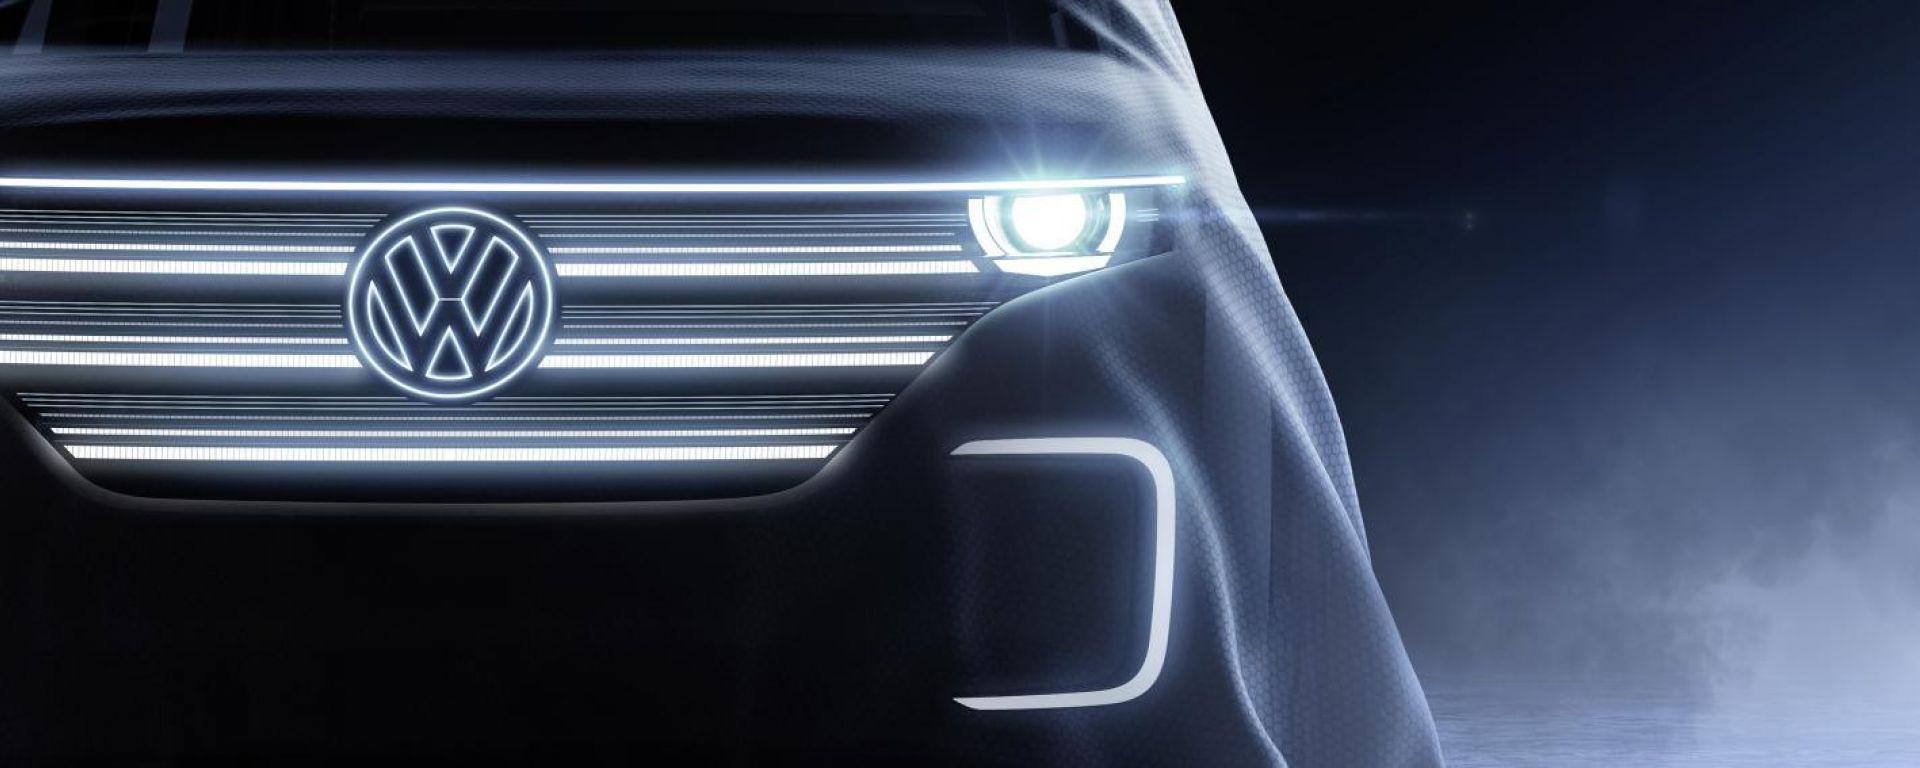 Volkswagen: un Bulli per il CES 2016?